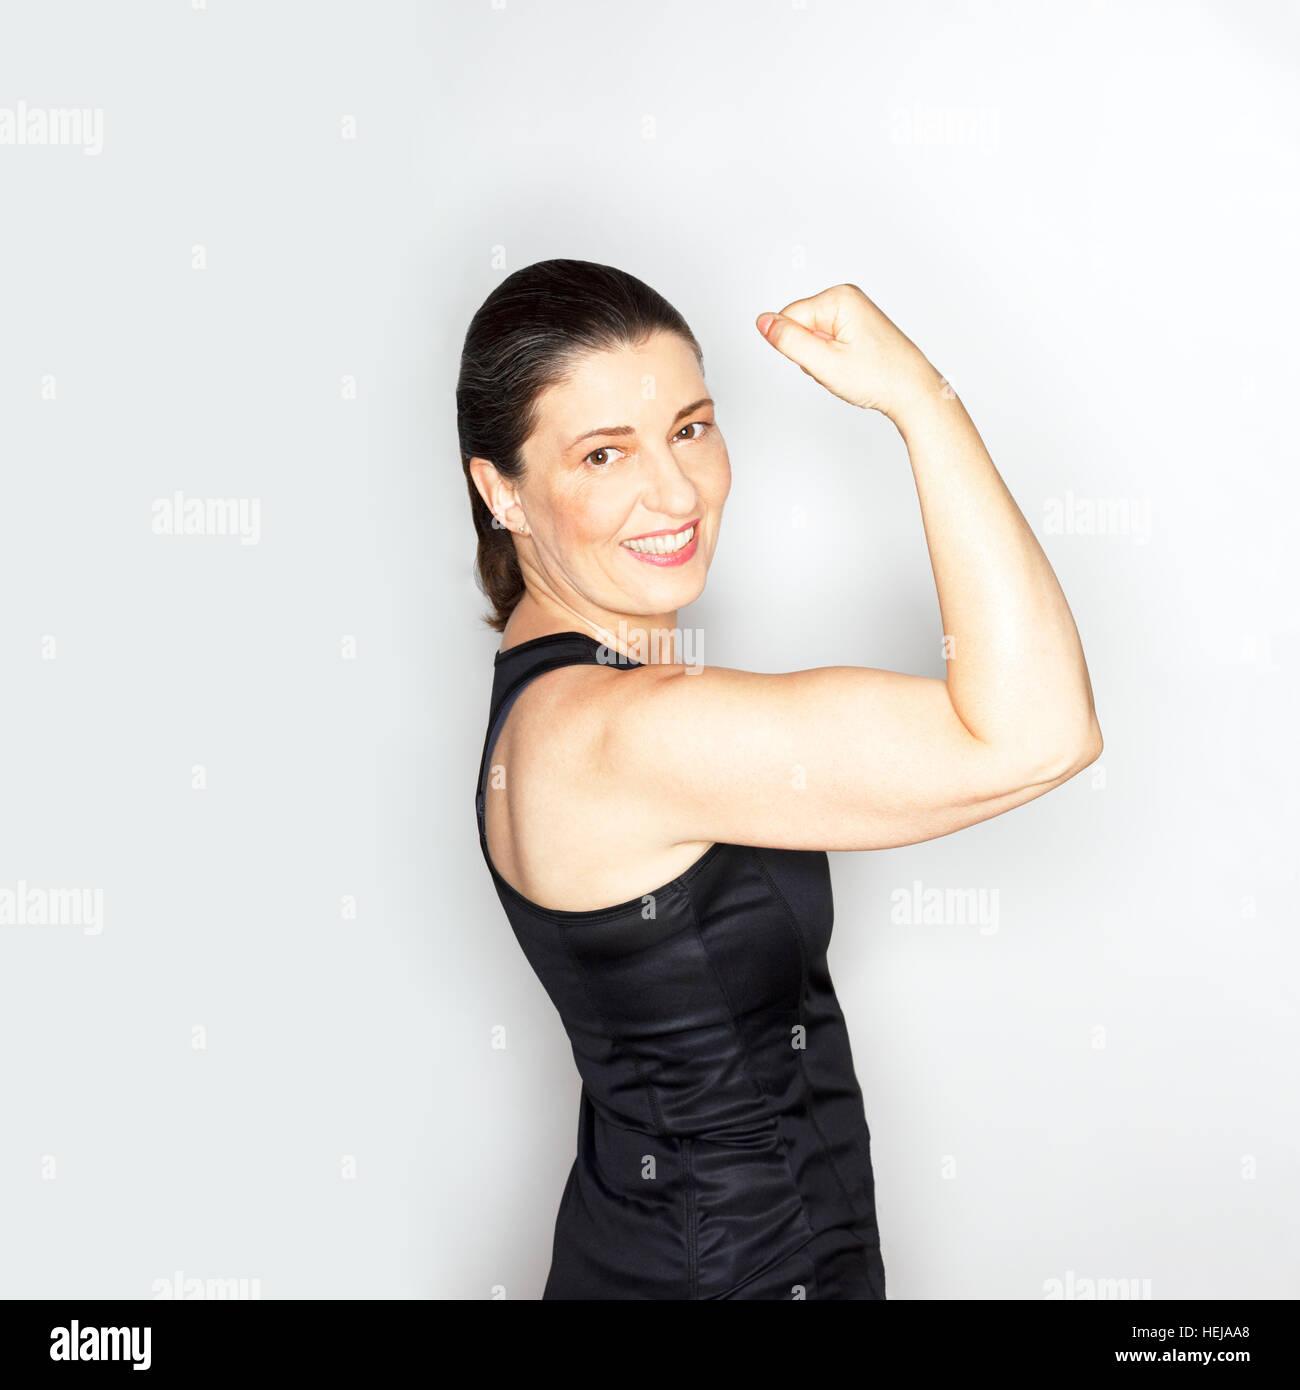 Selbstbewusste Erwachsene Frau im schwarzen Muscleshirt zeigen ihre Bisceps Muskeln, hellem Hintergrund, ansprechende Stockbild